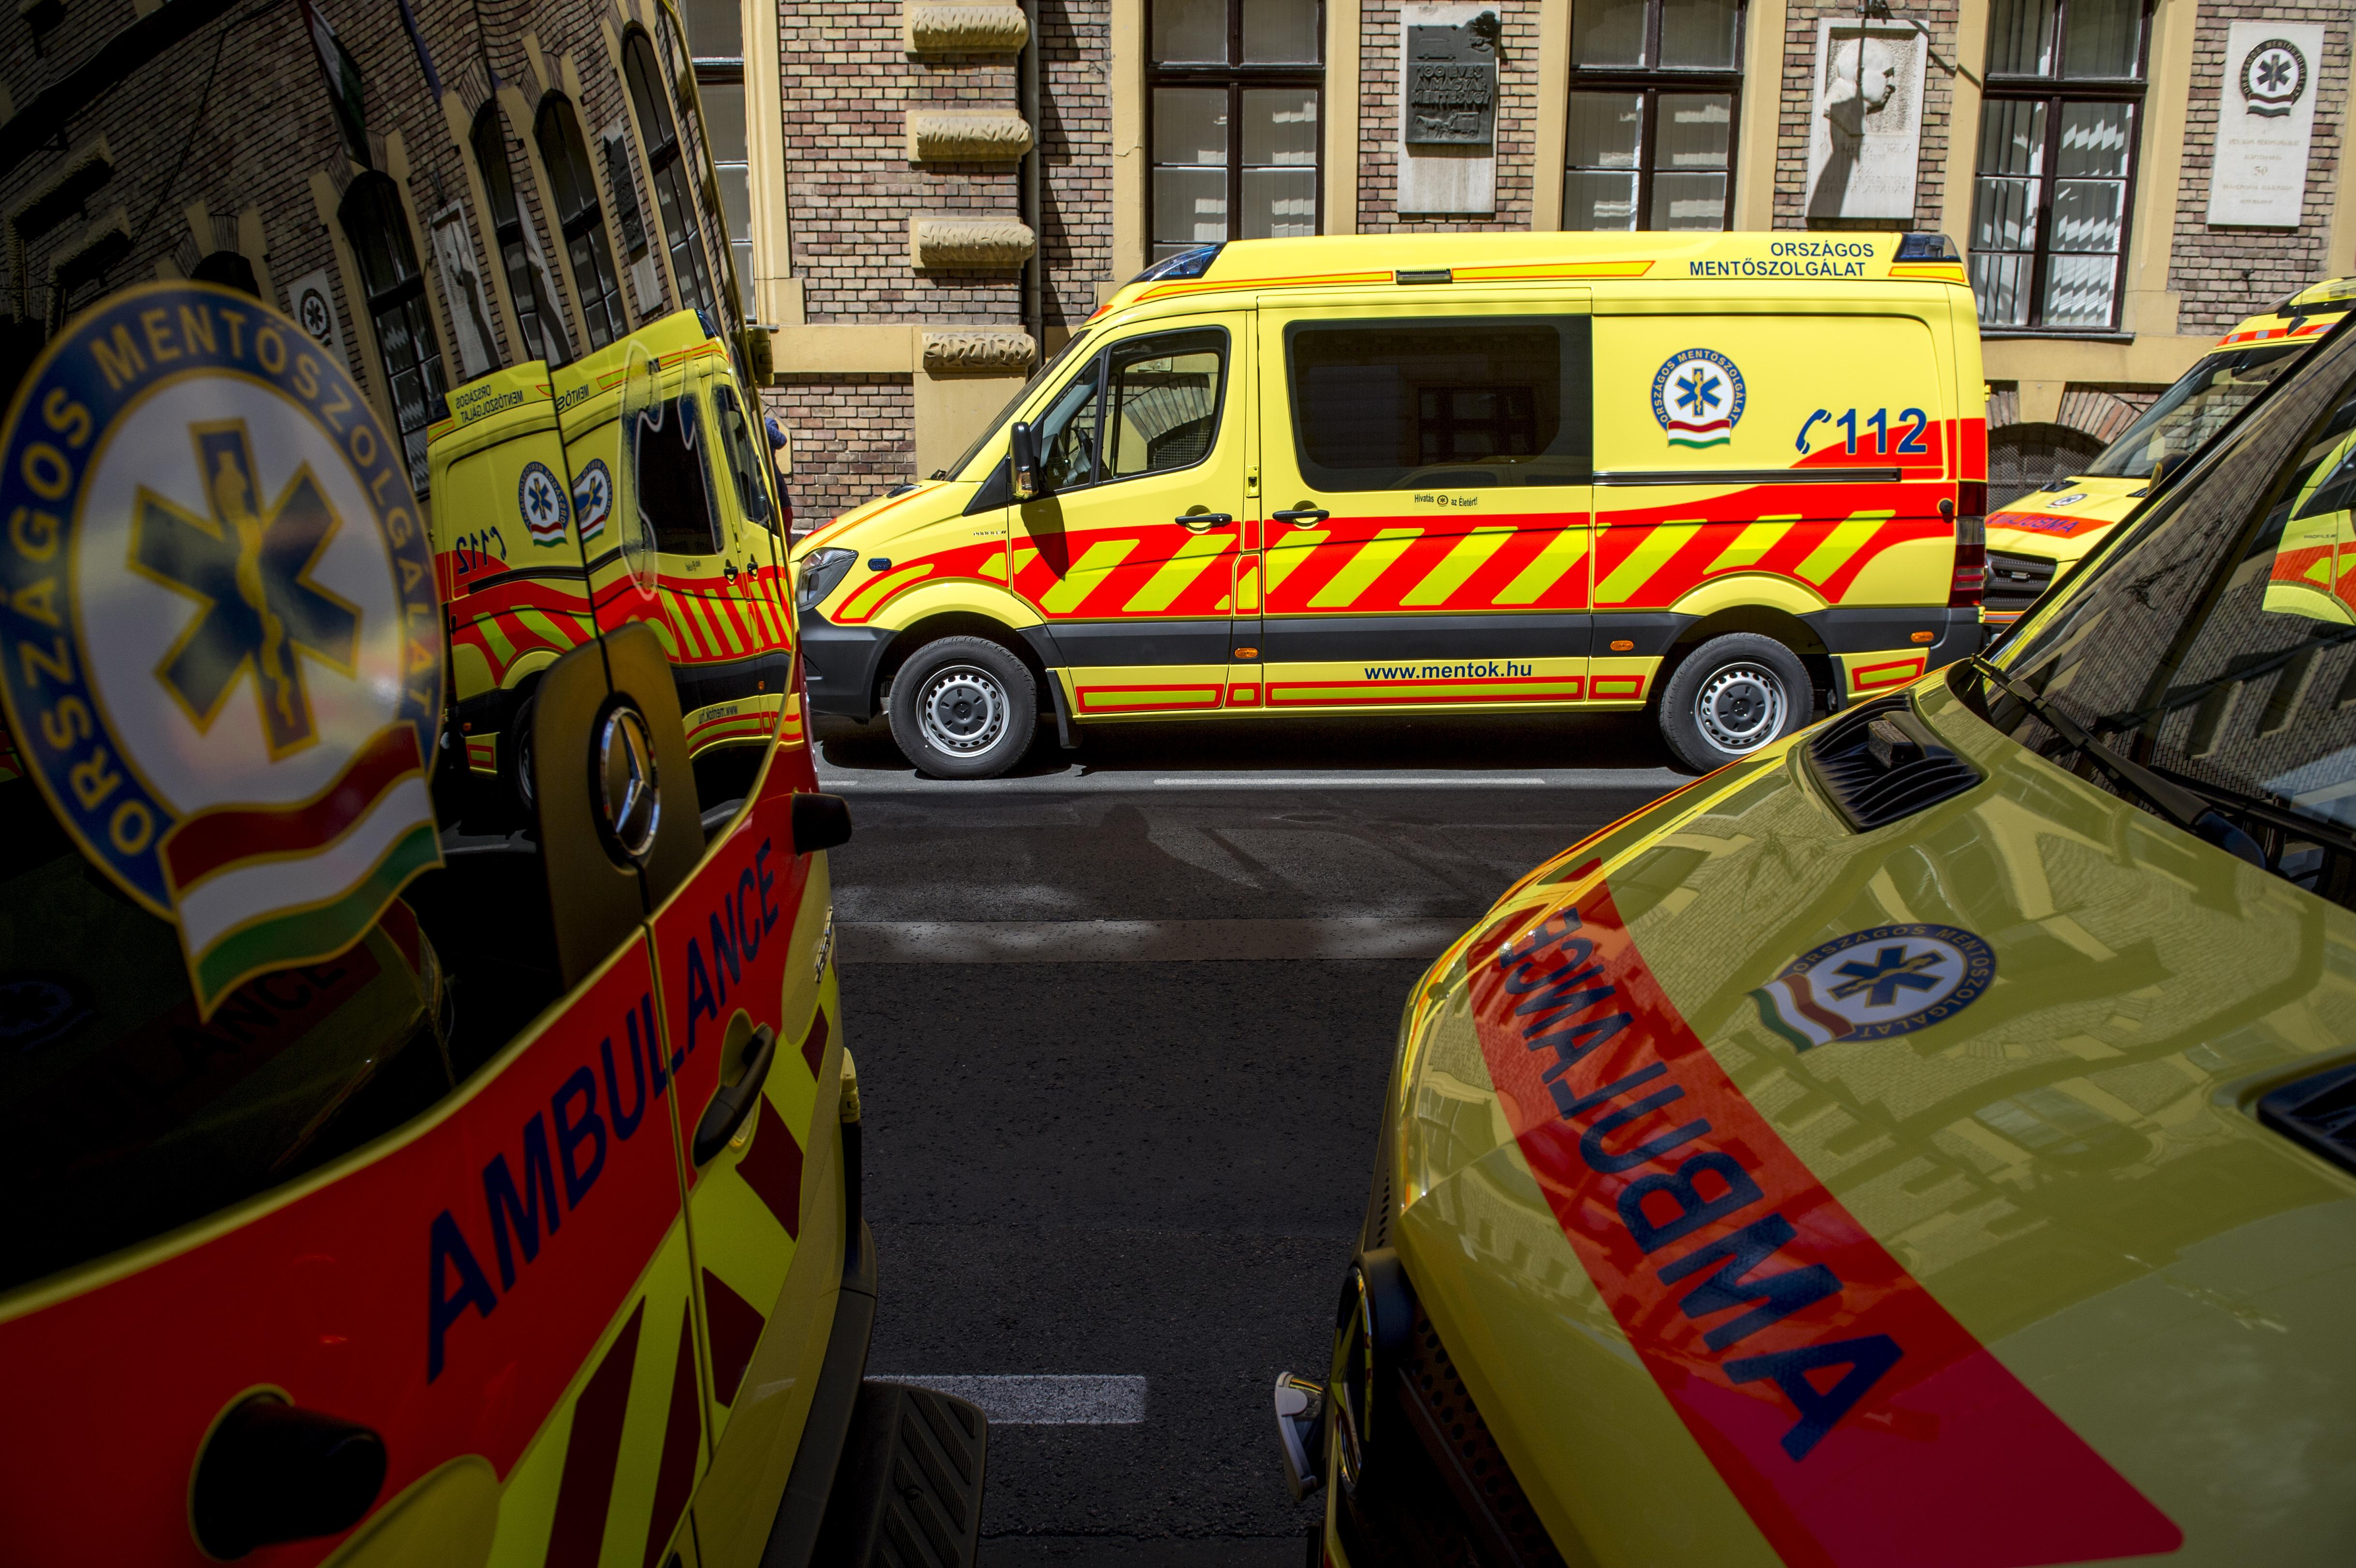 Ha nincs béremelés, sztárjkolhatnak a mentősök és az ápolók